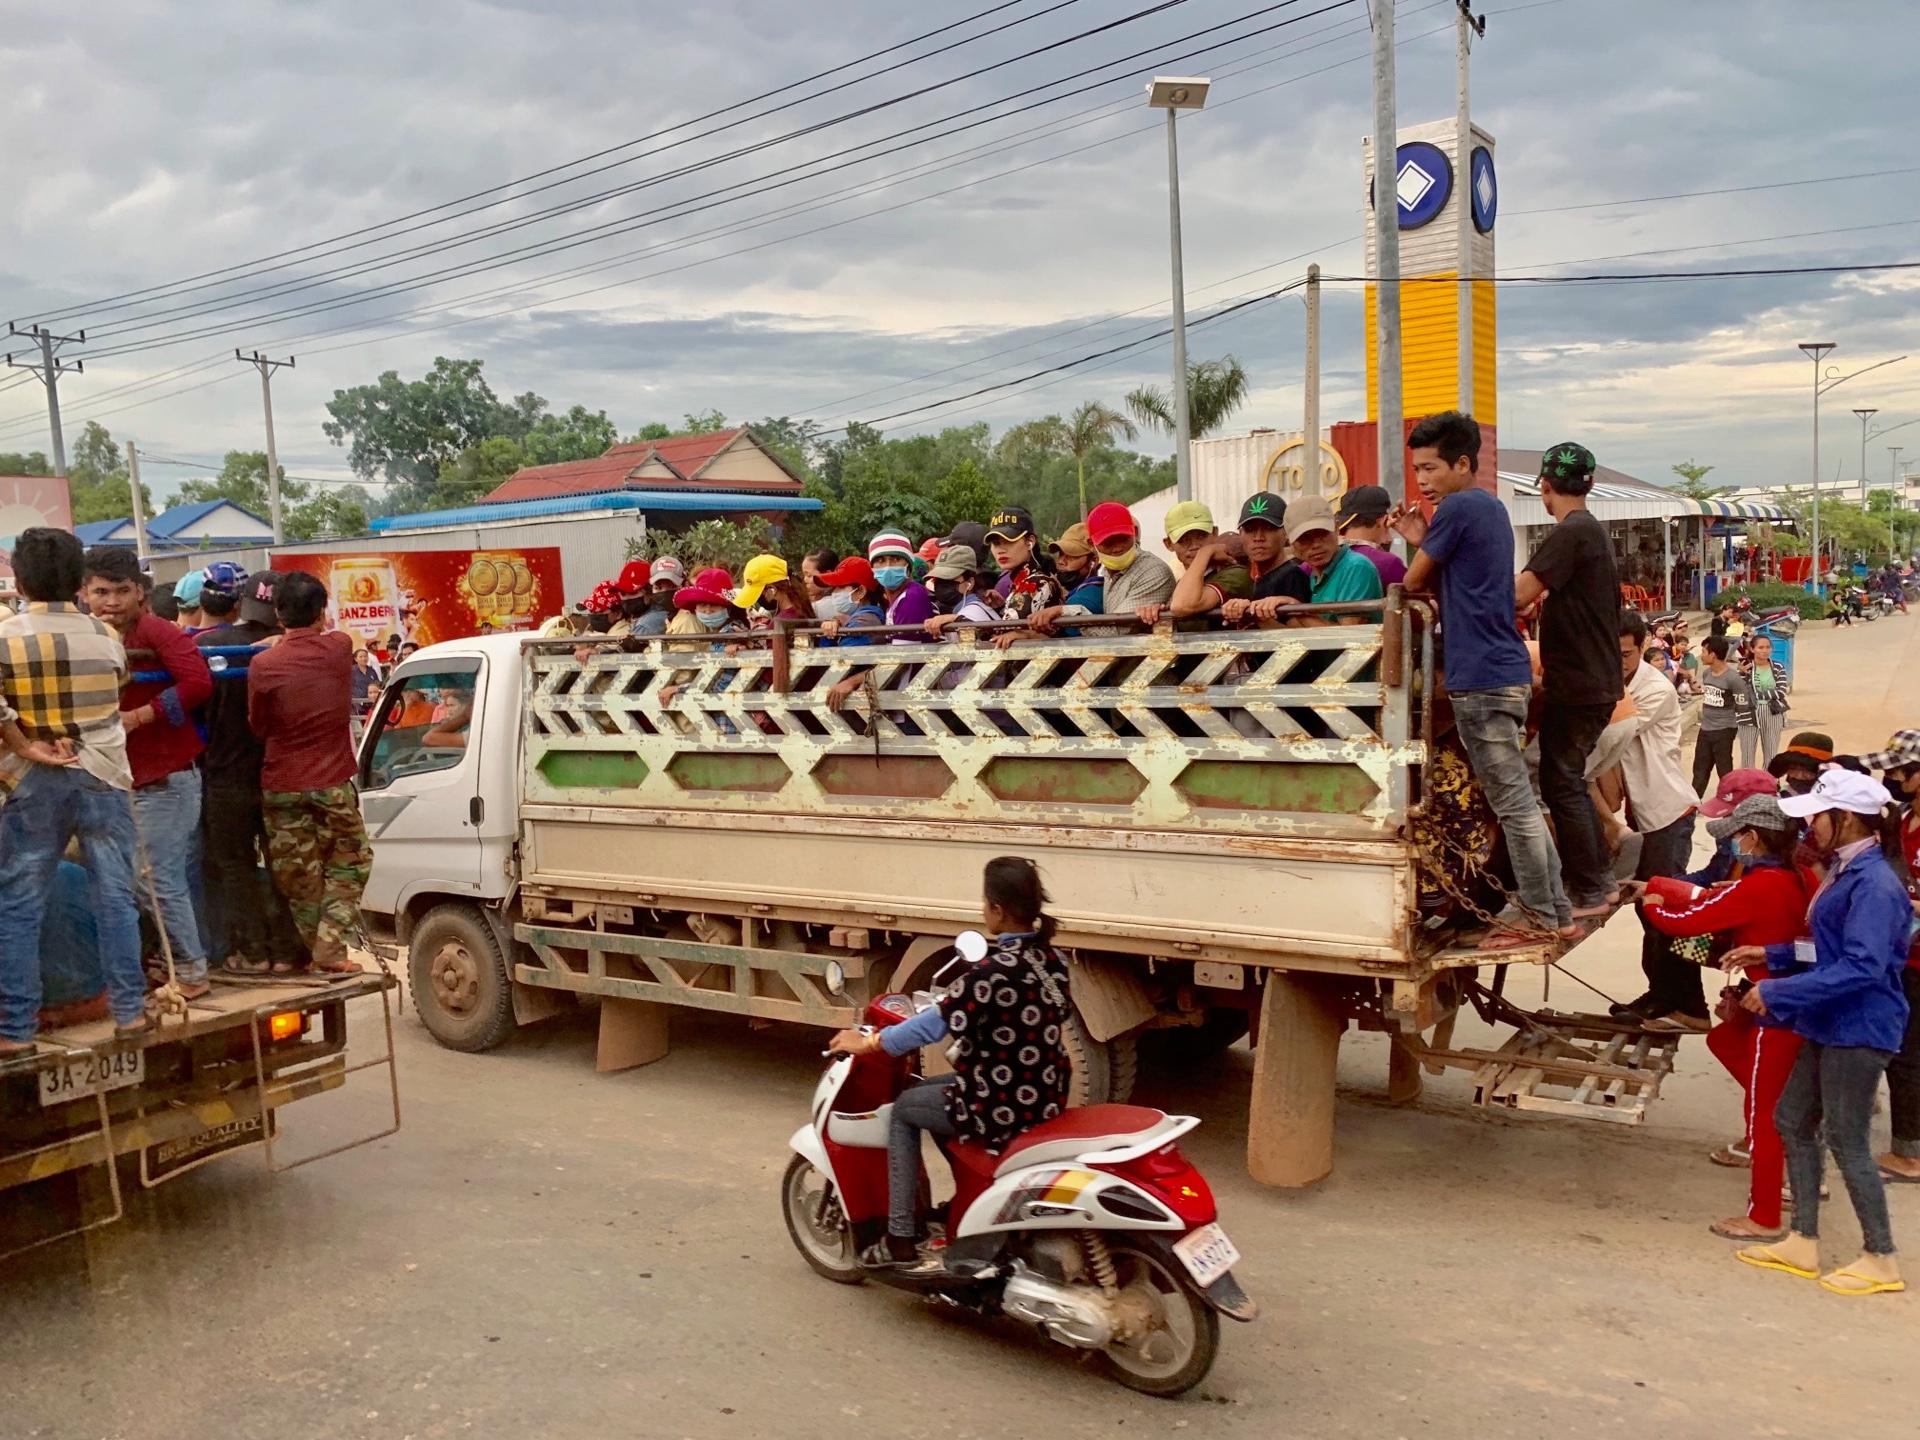 プレハネ3カ国目はベトナム! 今日はバス移動日